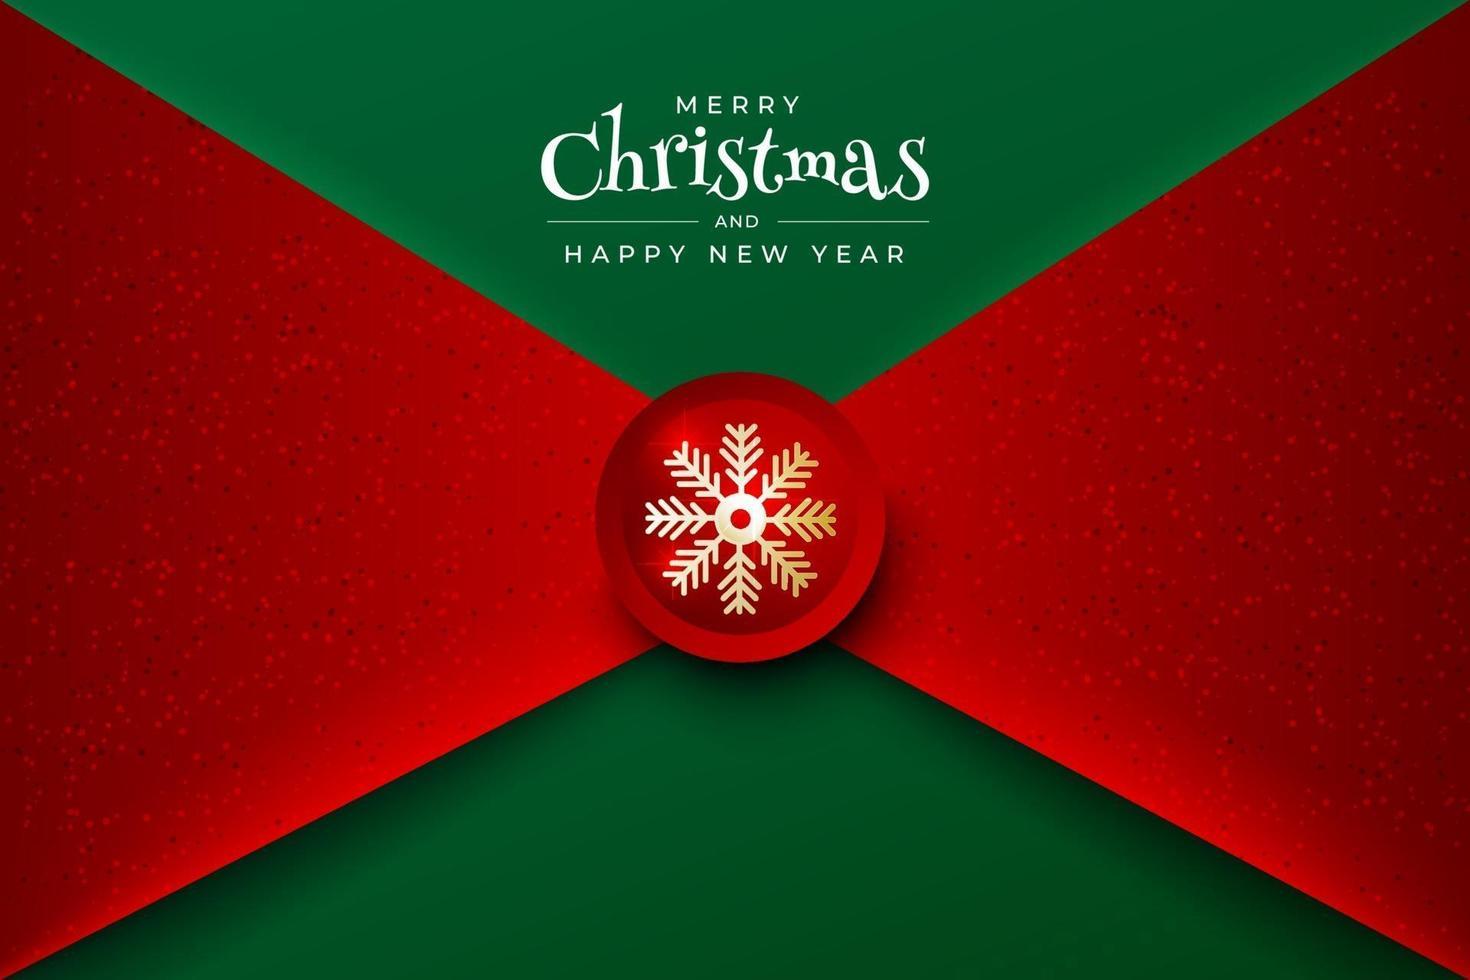 navidad y próspero año nuevo vector